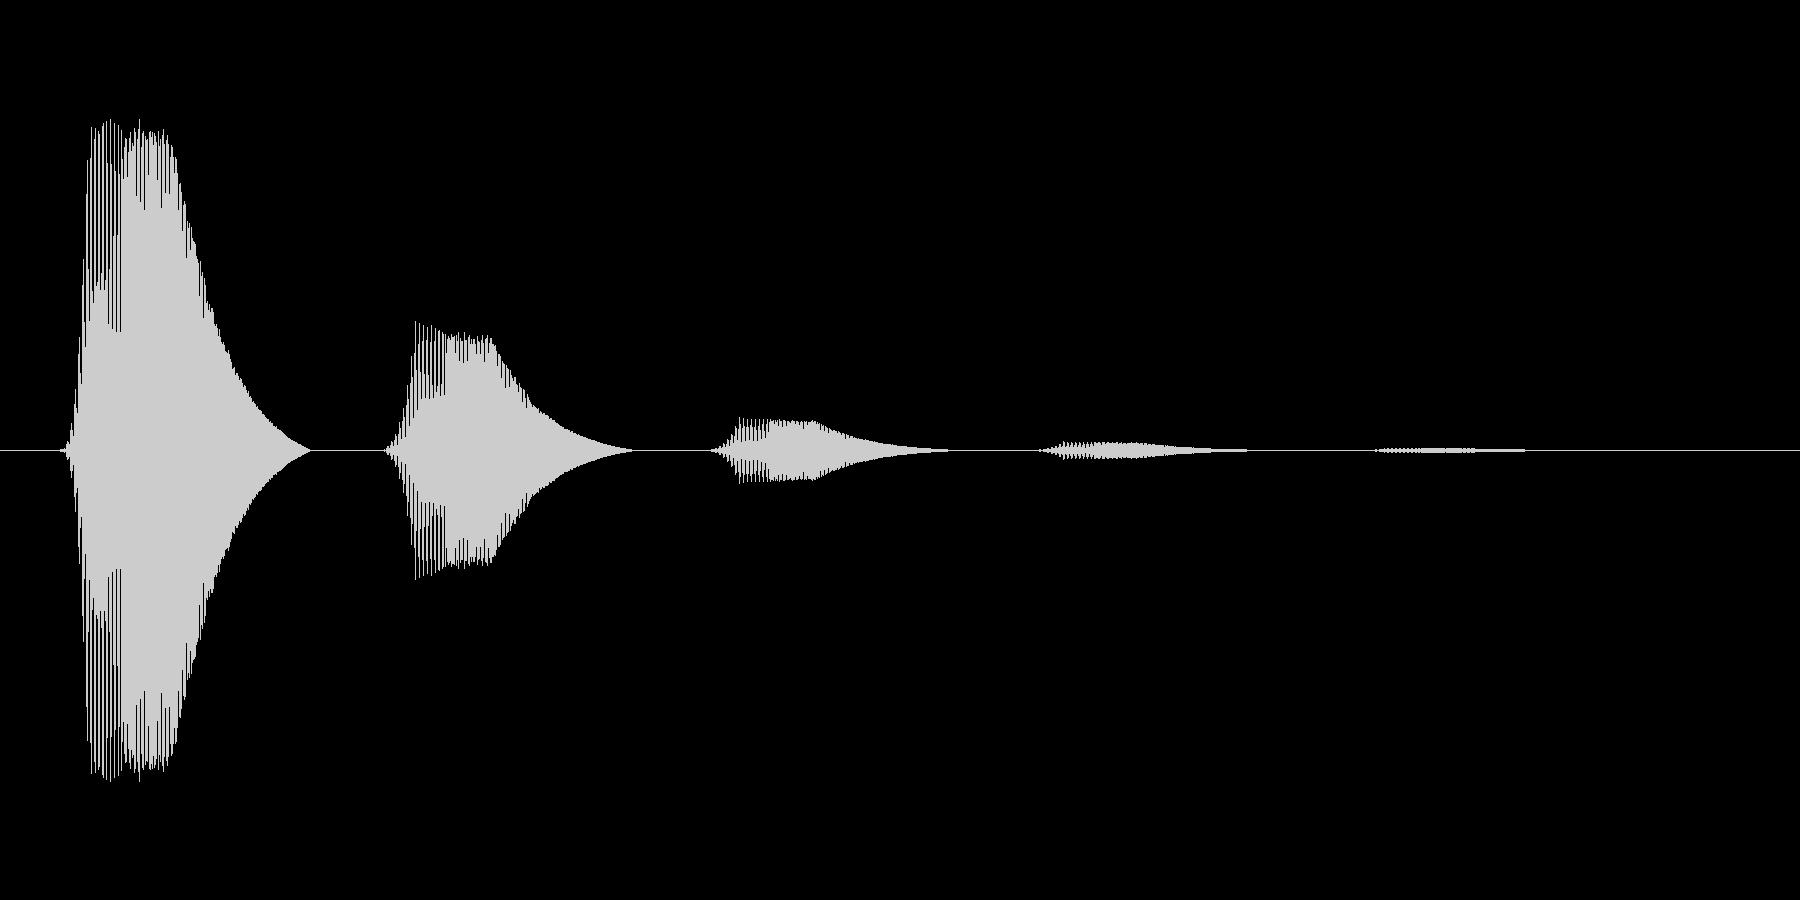 ファミコン風効果音カーソル系です 03の未再生の波形